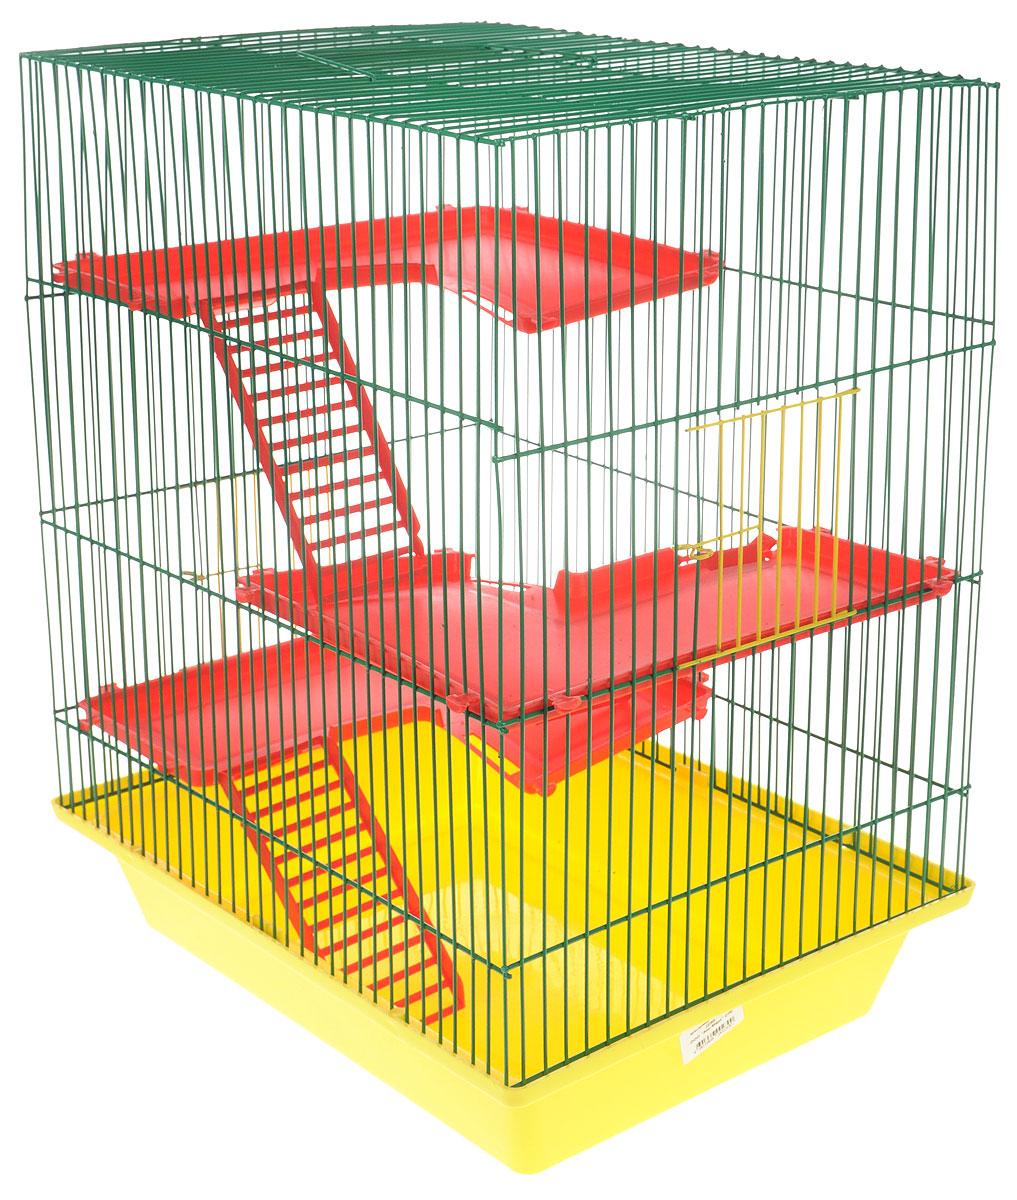 Клетка для грызунов ЗооМарк Гризли, 3-этажная, цвет: желтый поддон, зеленая решетка, красные этажи, 41 х 30 х 36 см230ЖЗКлетка ЗооМарк Гризли, выполненная из полипропилена и металла, подходит для мелких грызунов. Изделие трехэтажное. Клетка имеет яркий поддон, удобна в использовании и легко чистится. Сверху имеется ручка для переноски. Такая клетка станет уединенным личным пространством и уютным домиком для маленького грызуна.